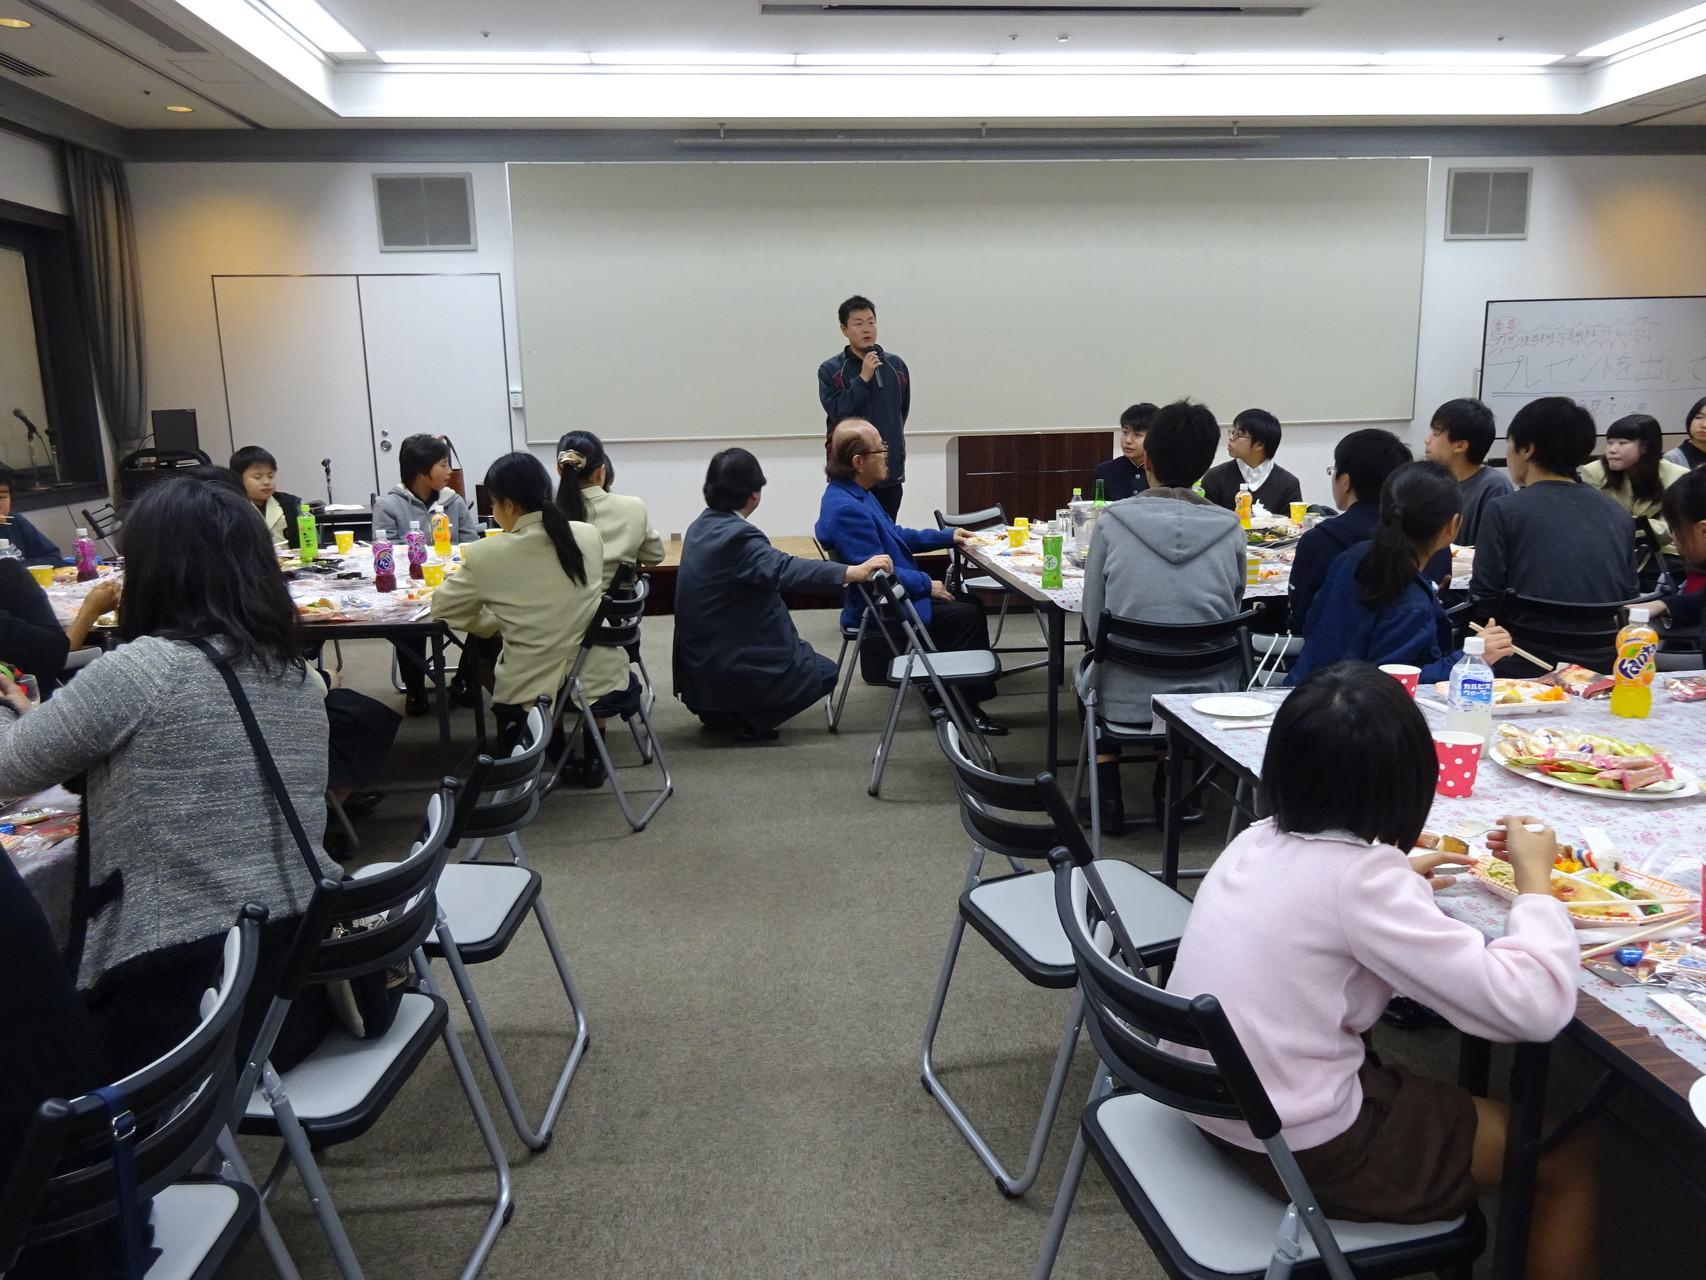 尾道学園音楽部半田先生の情熱とご厚意のおかげです。